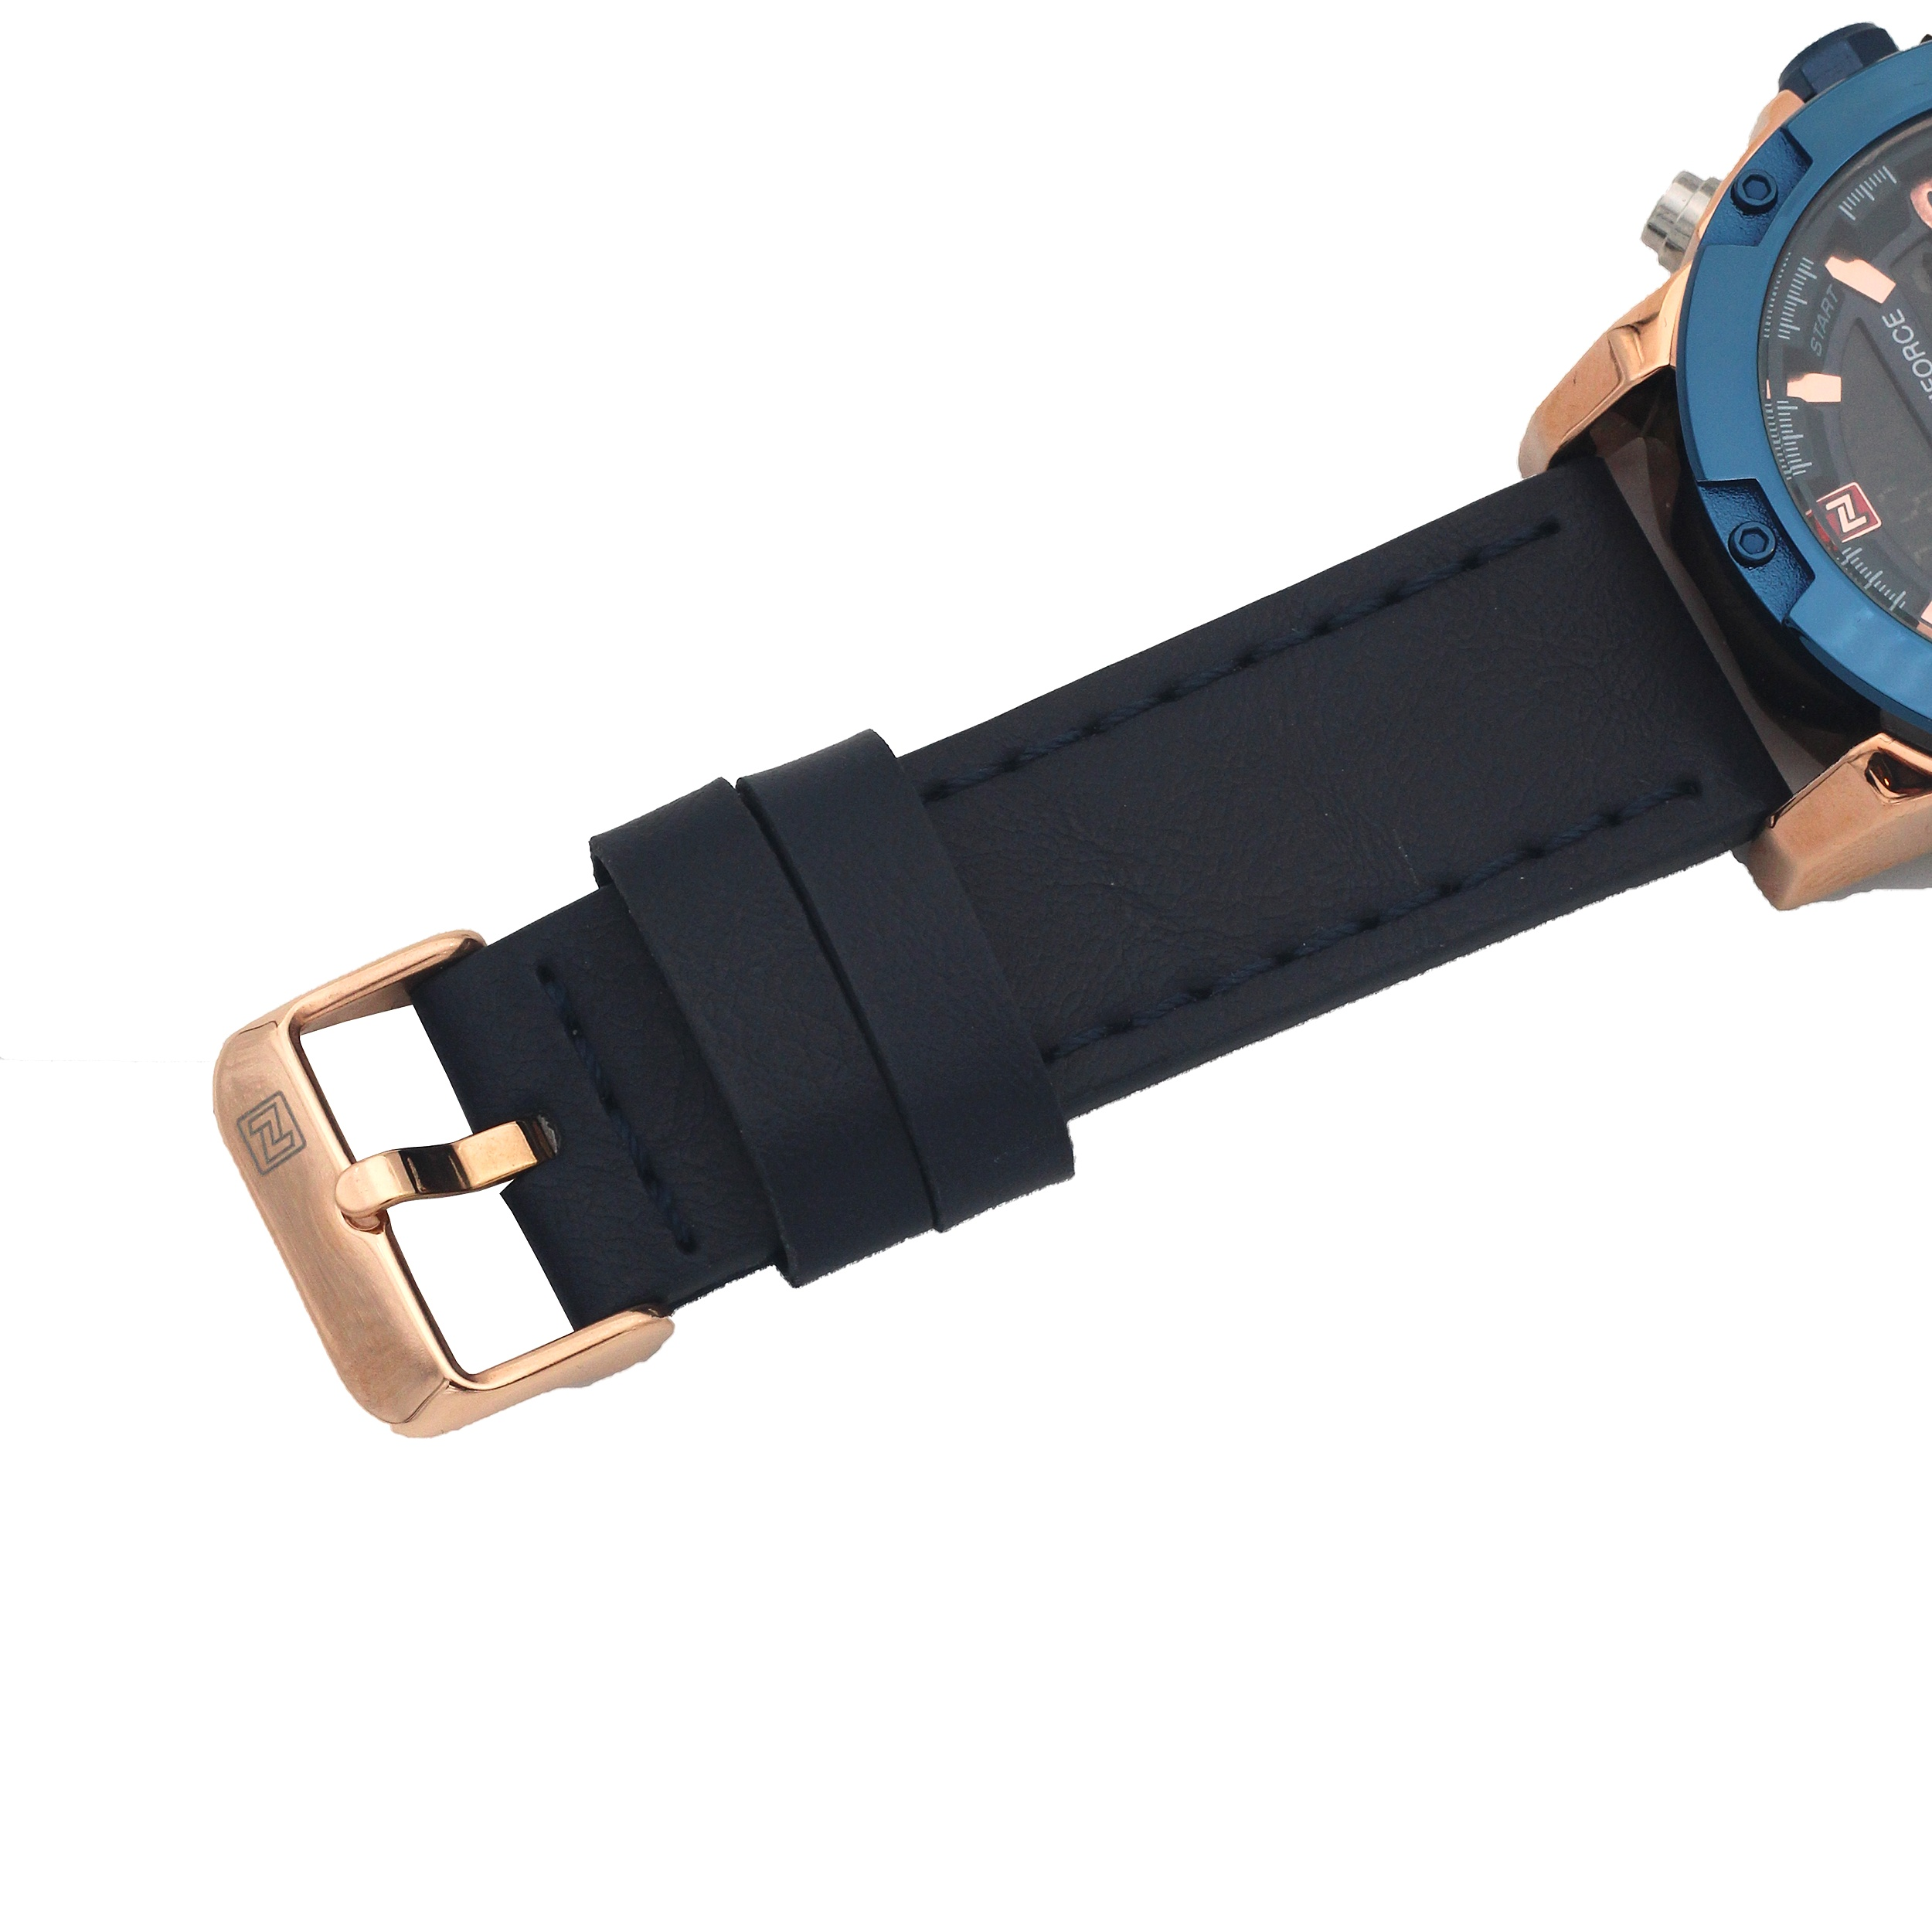 ساعت مچی عقربهای مردانه نیوی فورس مدل NF9097m